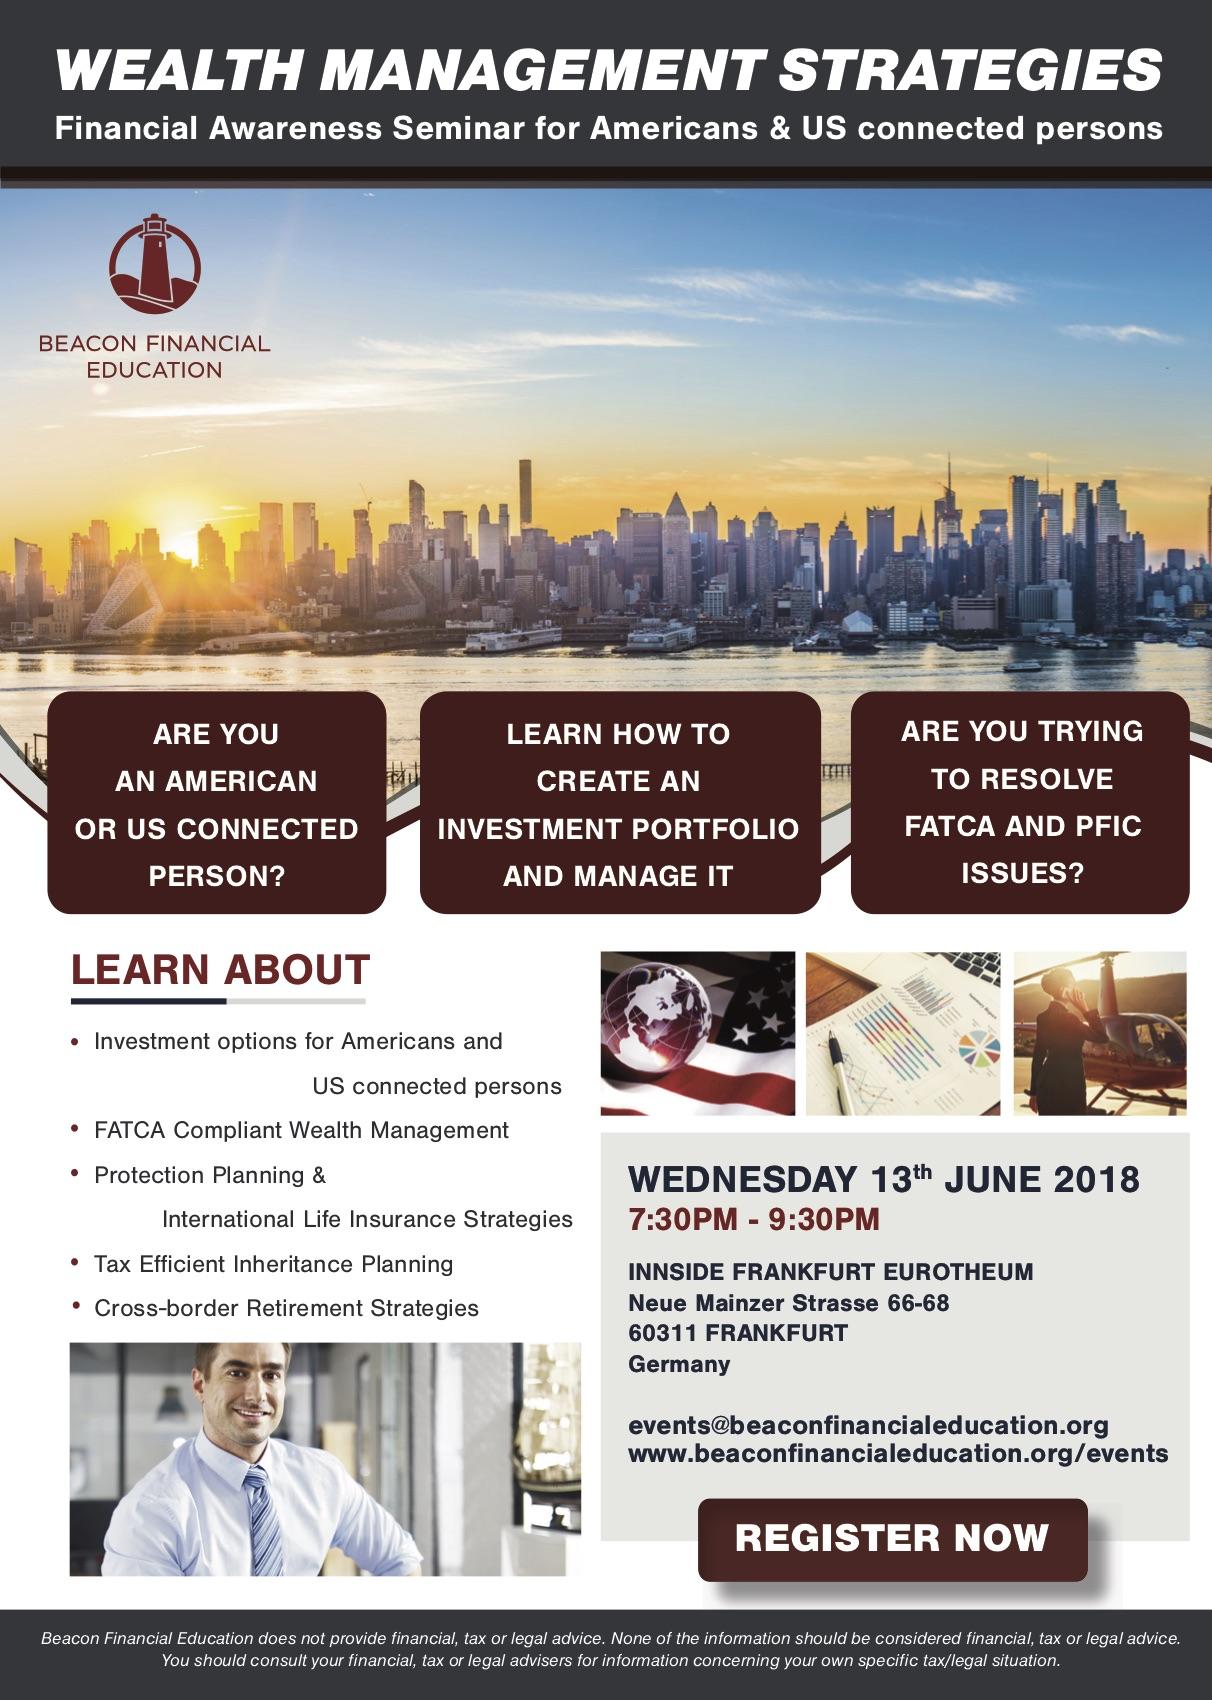 Financial Awareness Seminar Frankfurt 13 June